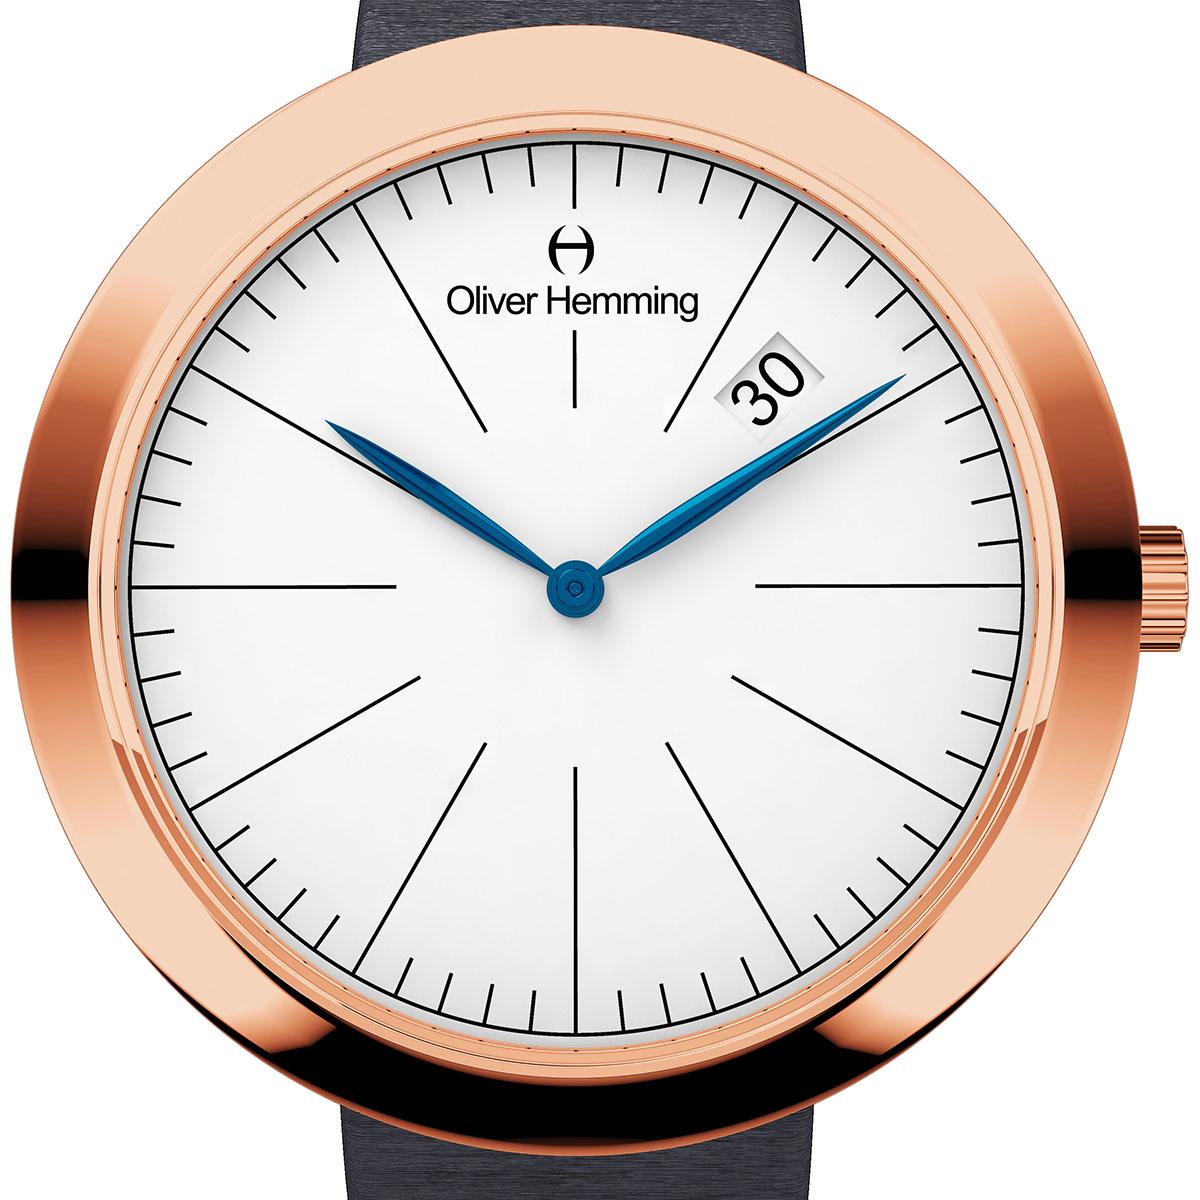 【残り1点】Oliver Hemming オリバーヘミング クォーツ 腕時計 イギリス アート デザイン [WT35R76WGS] 正規代理店品 純正ケース メーカー保証